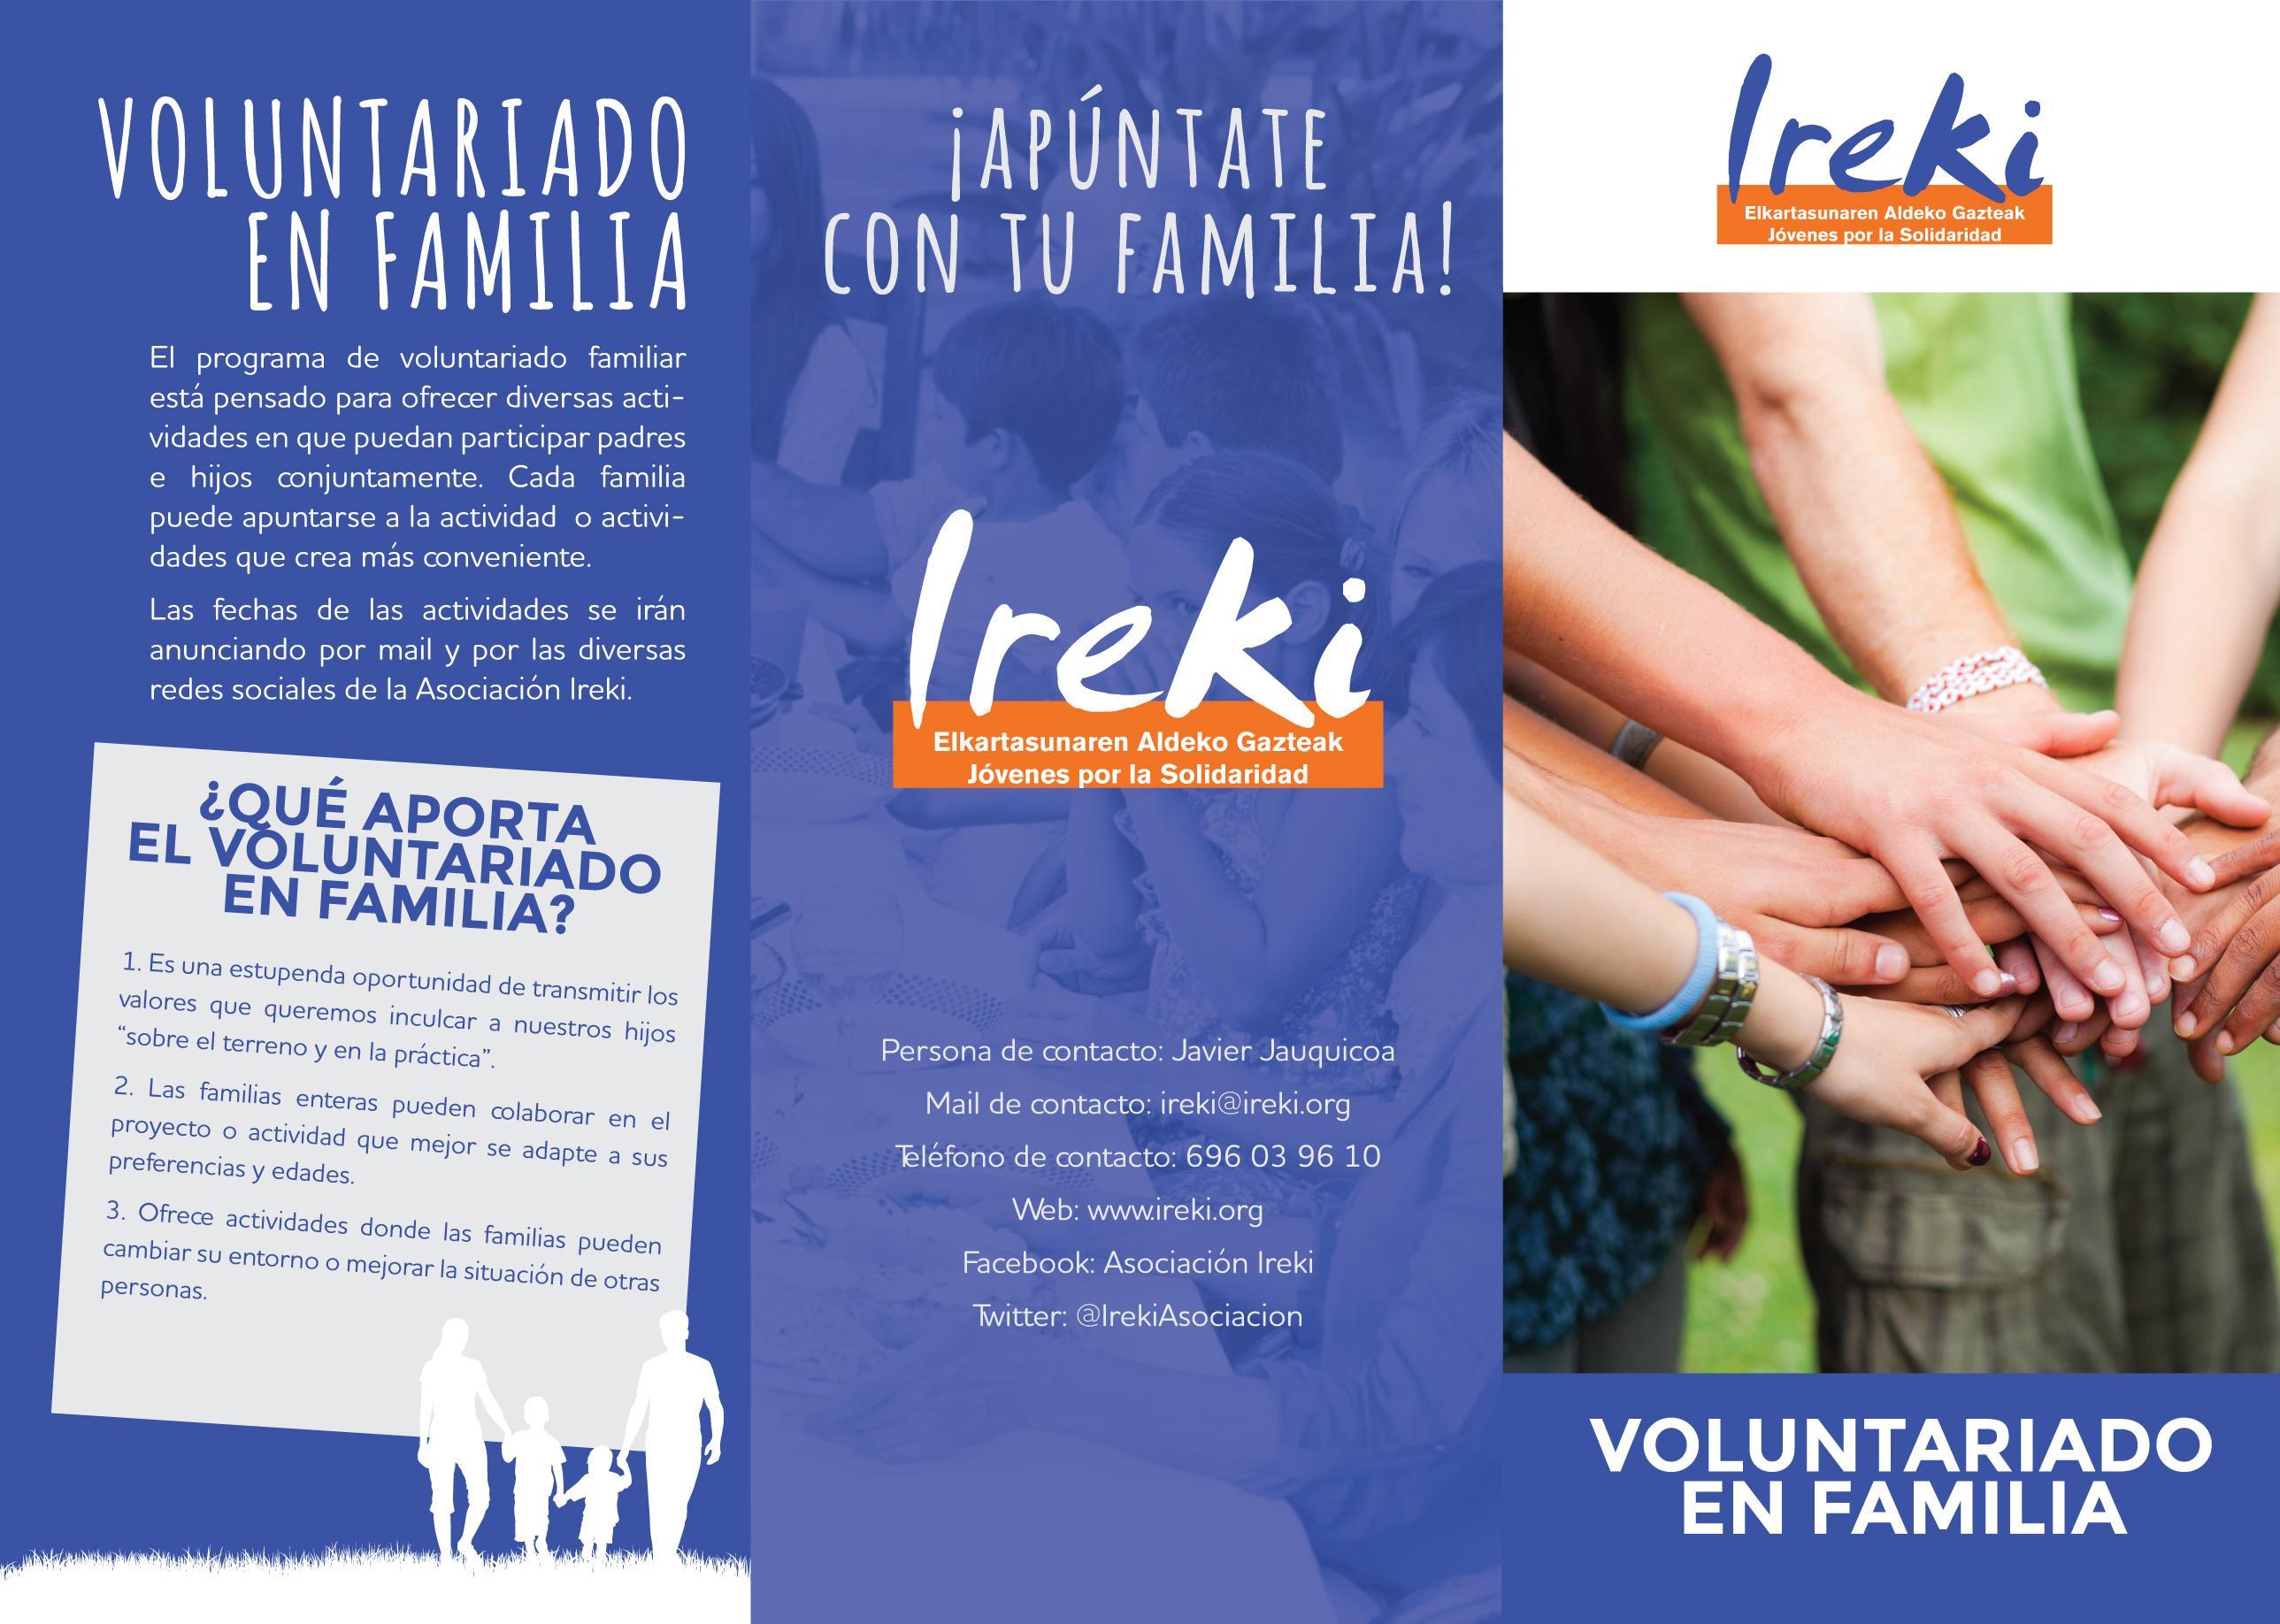 Tríptico-IREKI-voluntariado-en-familia.-Pag1